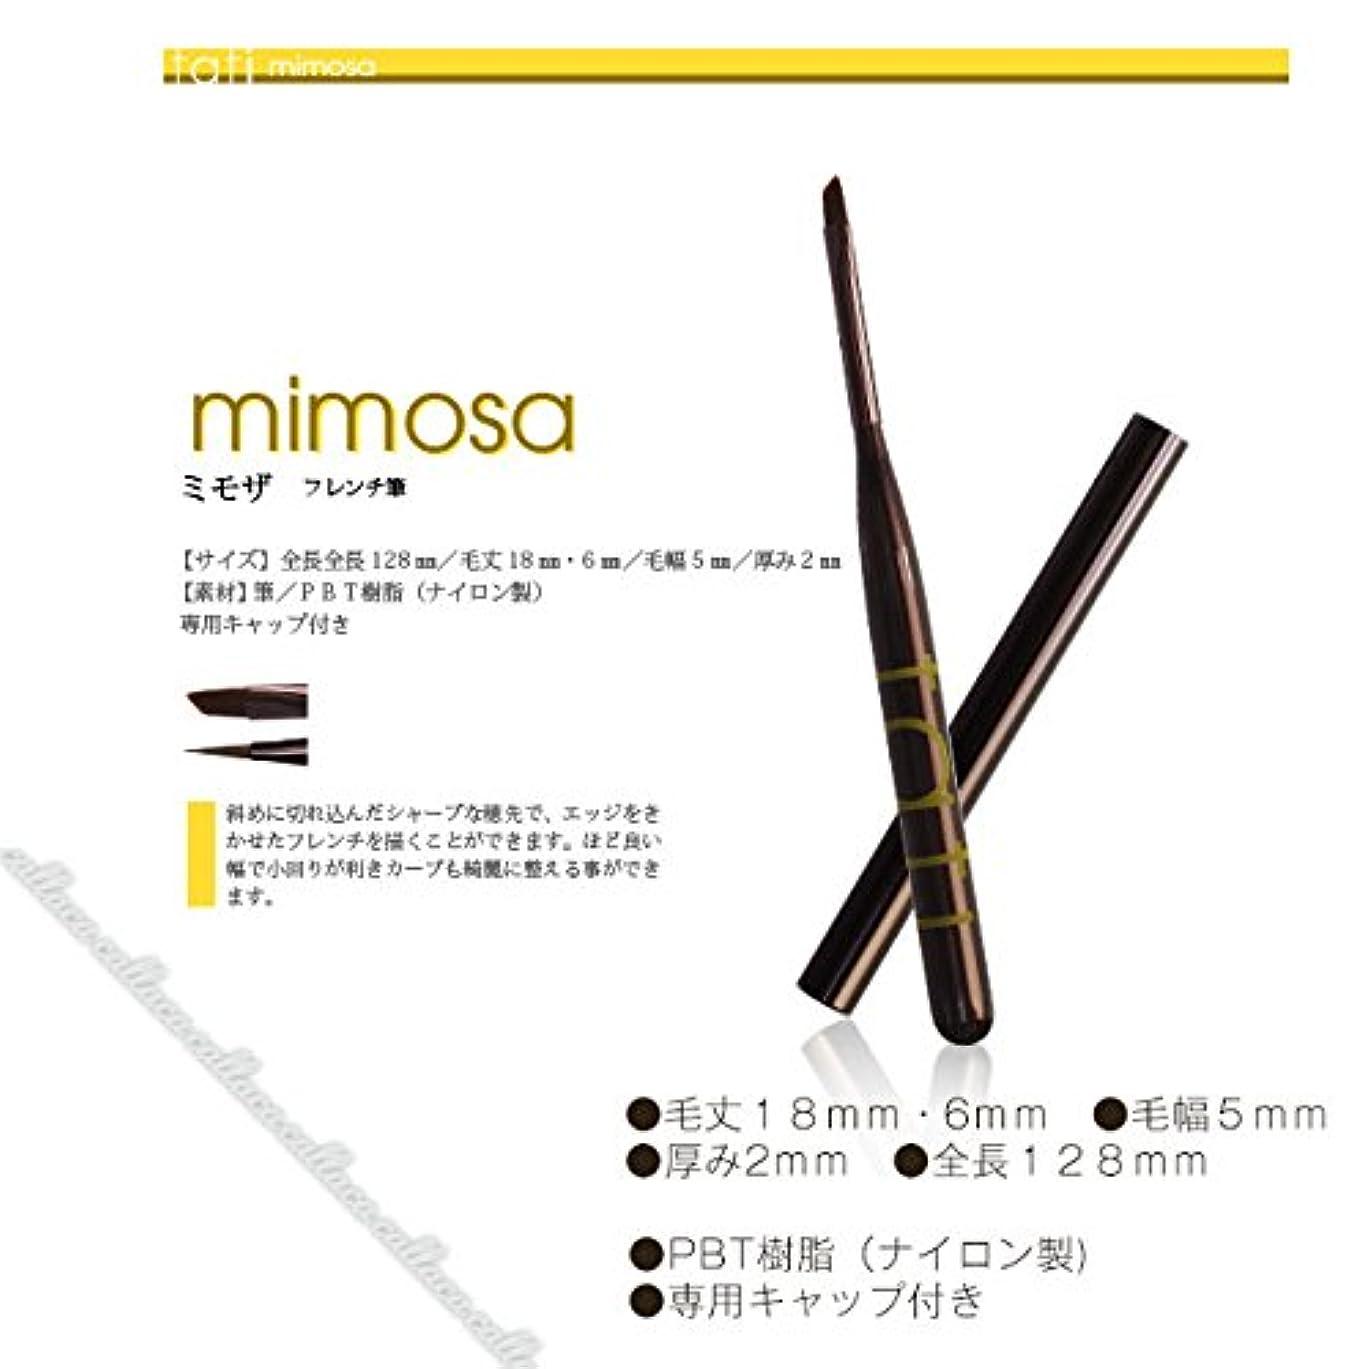 対イディオム古いtati アートショコラ mimosa (ミモザ)